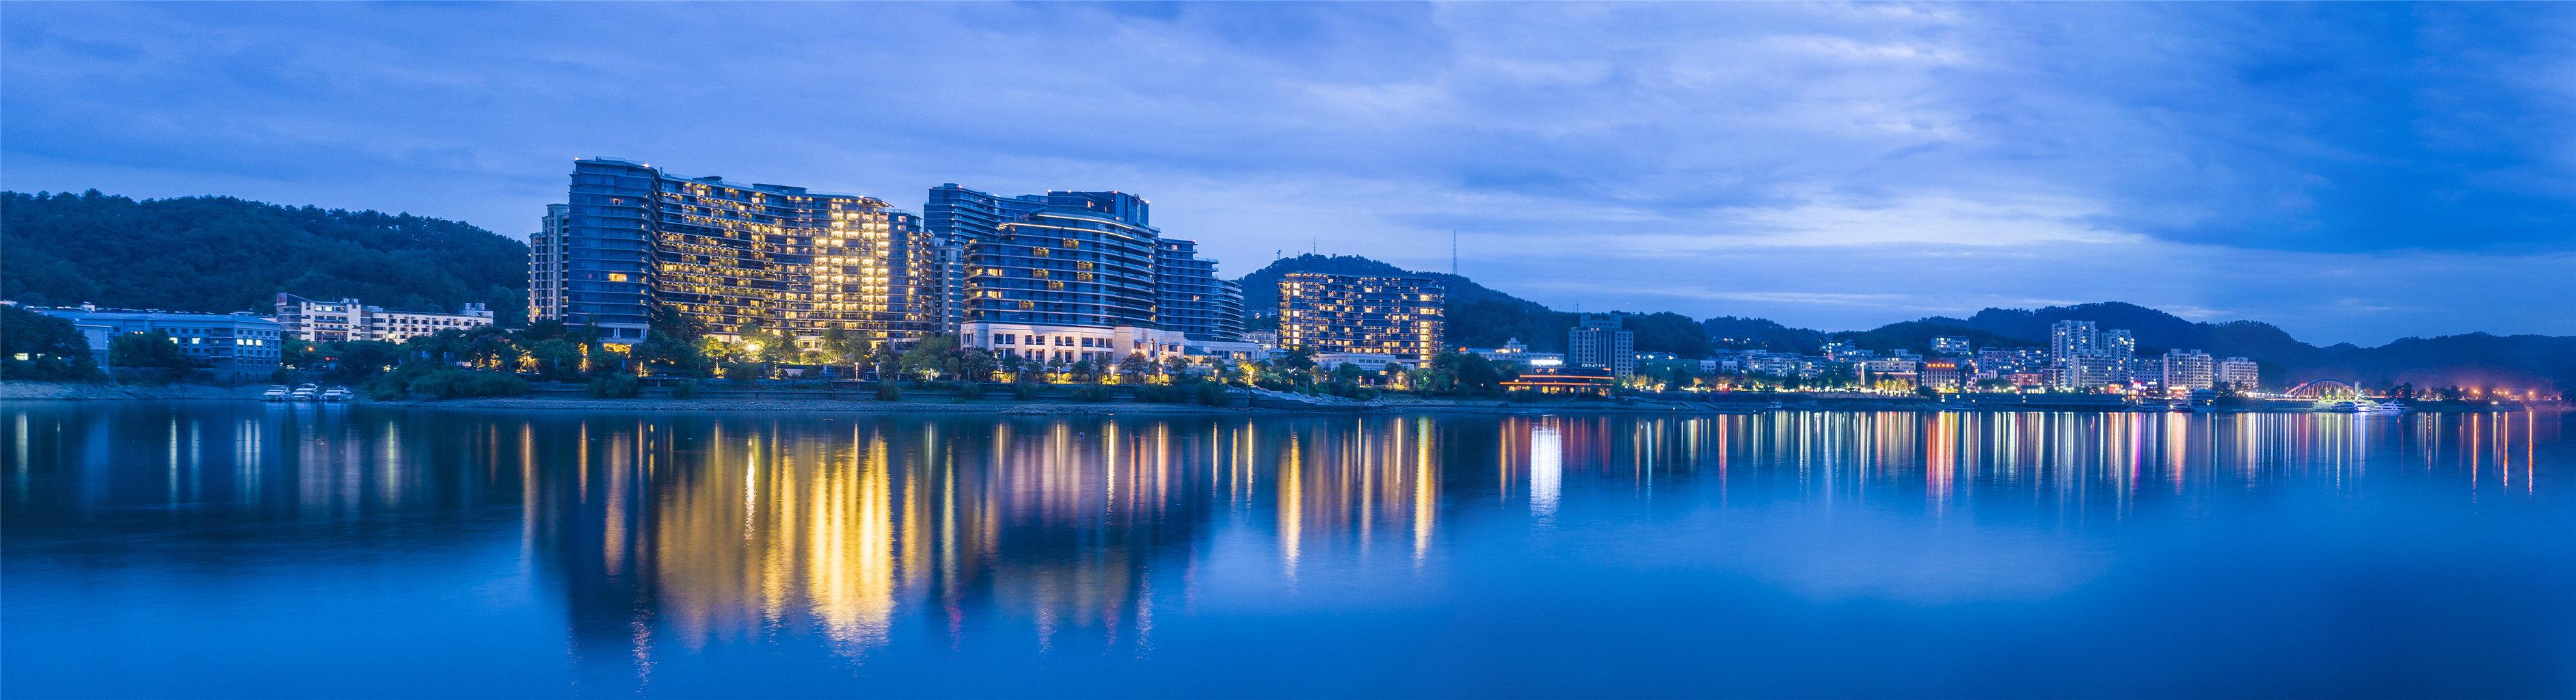 千岛湖绿城度假酒店(湖景房2晚 哈根达斯 骑行)